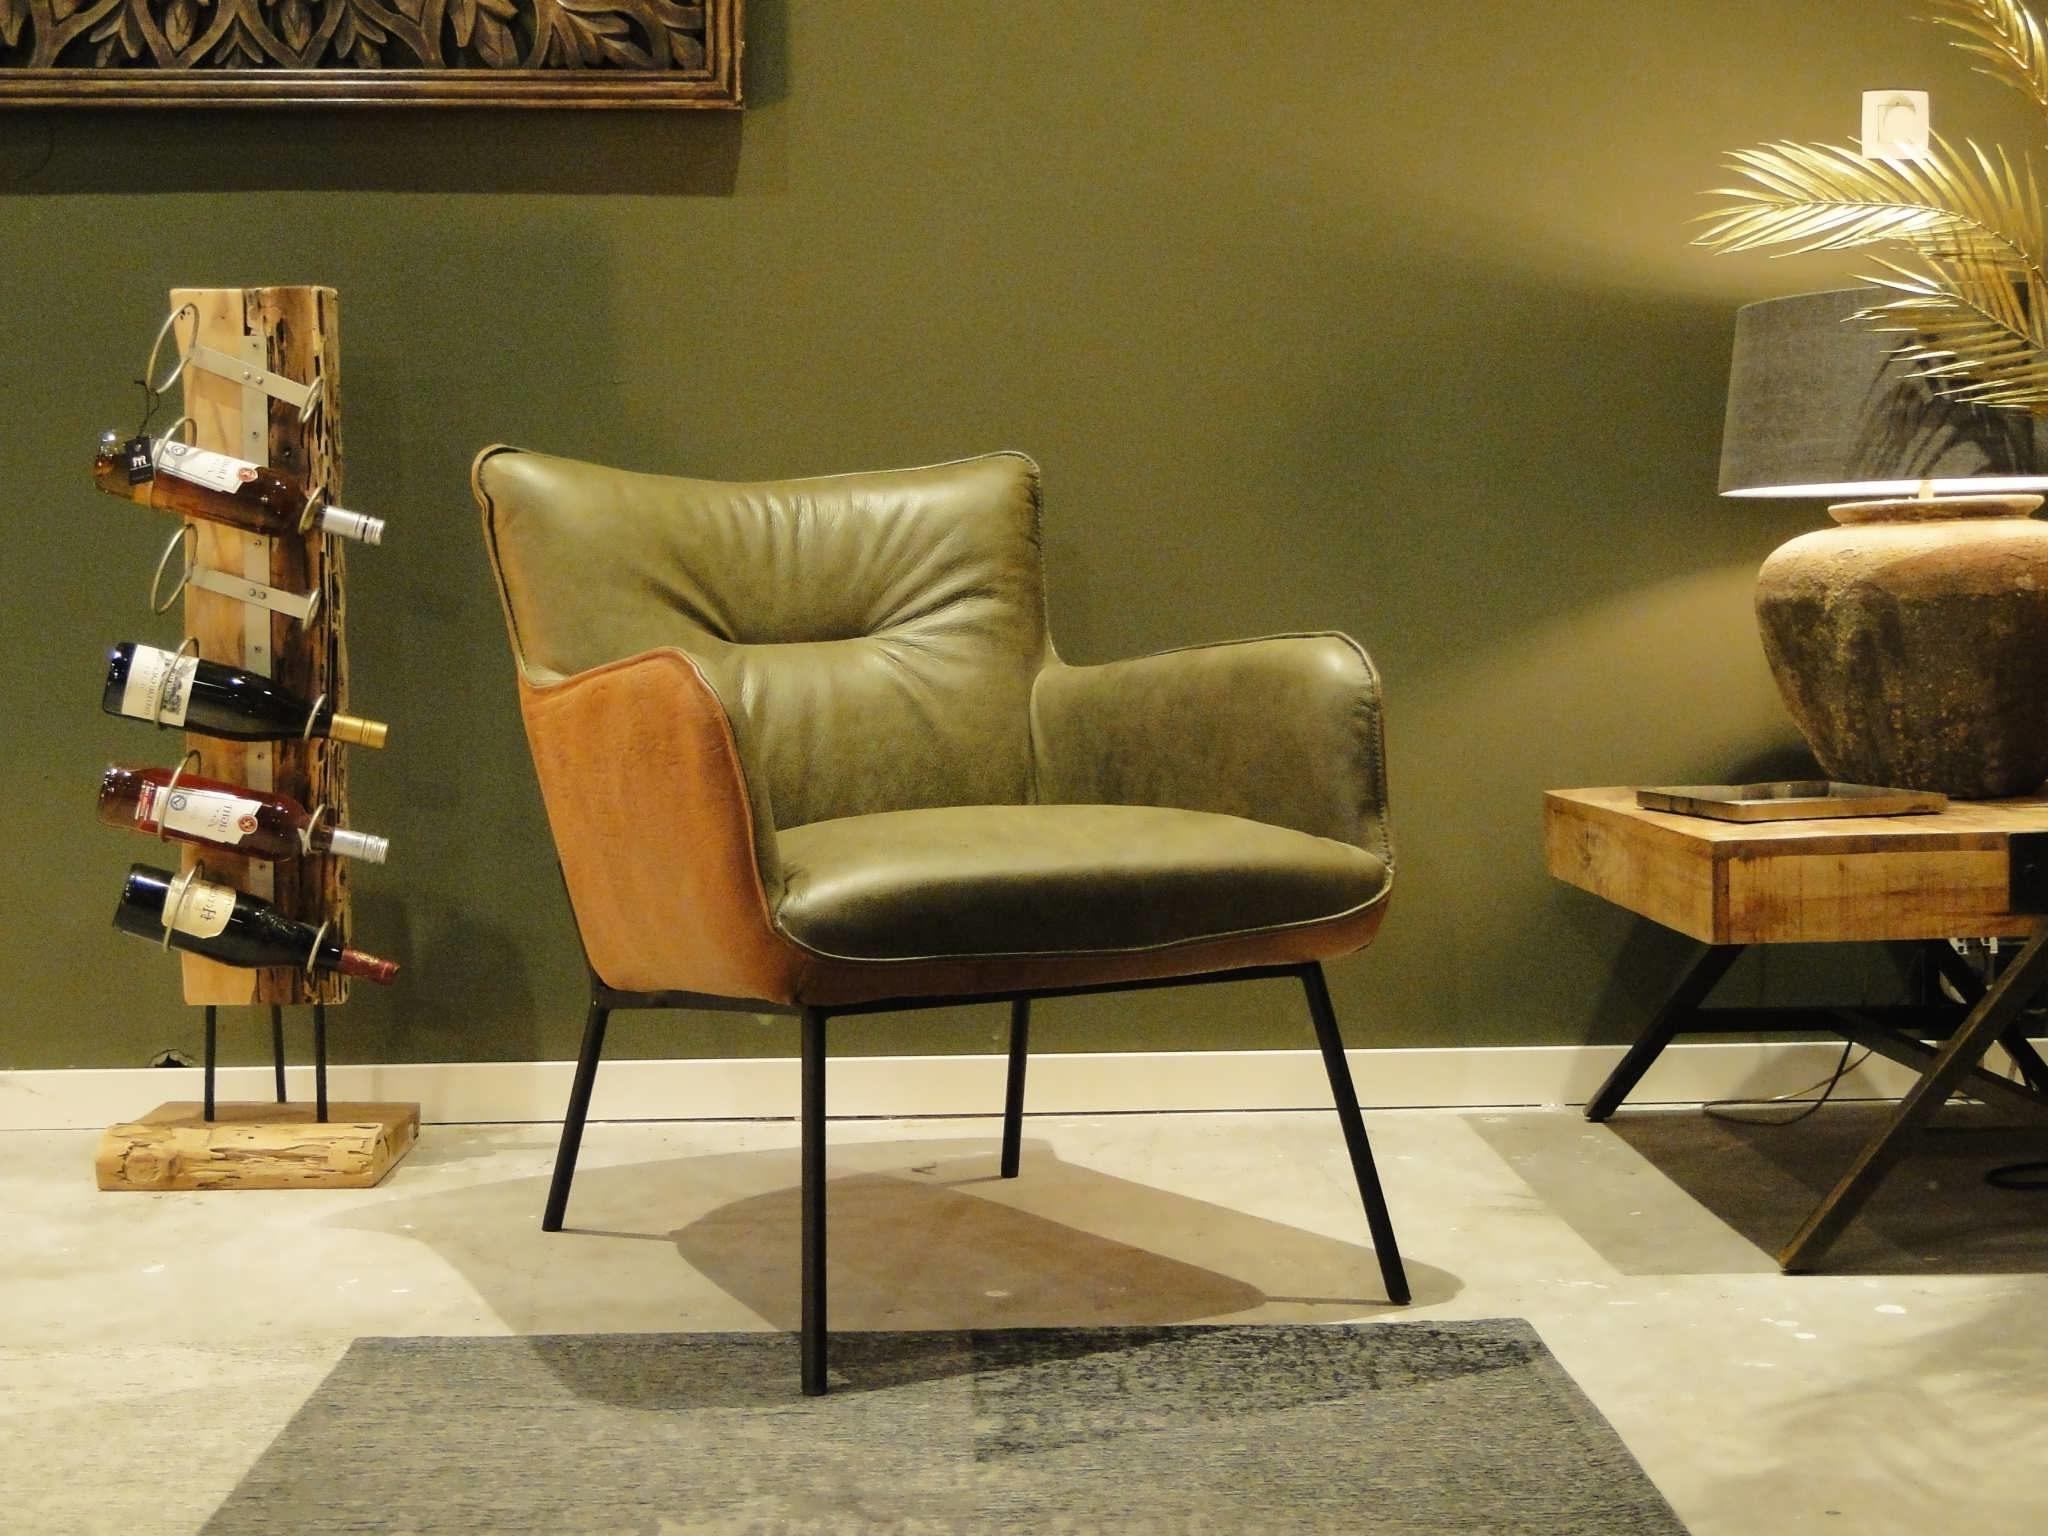 runderleren fauteuil